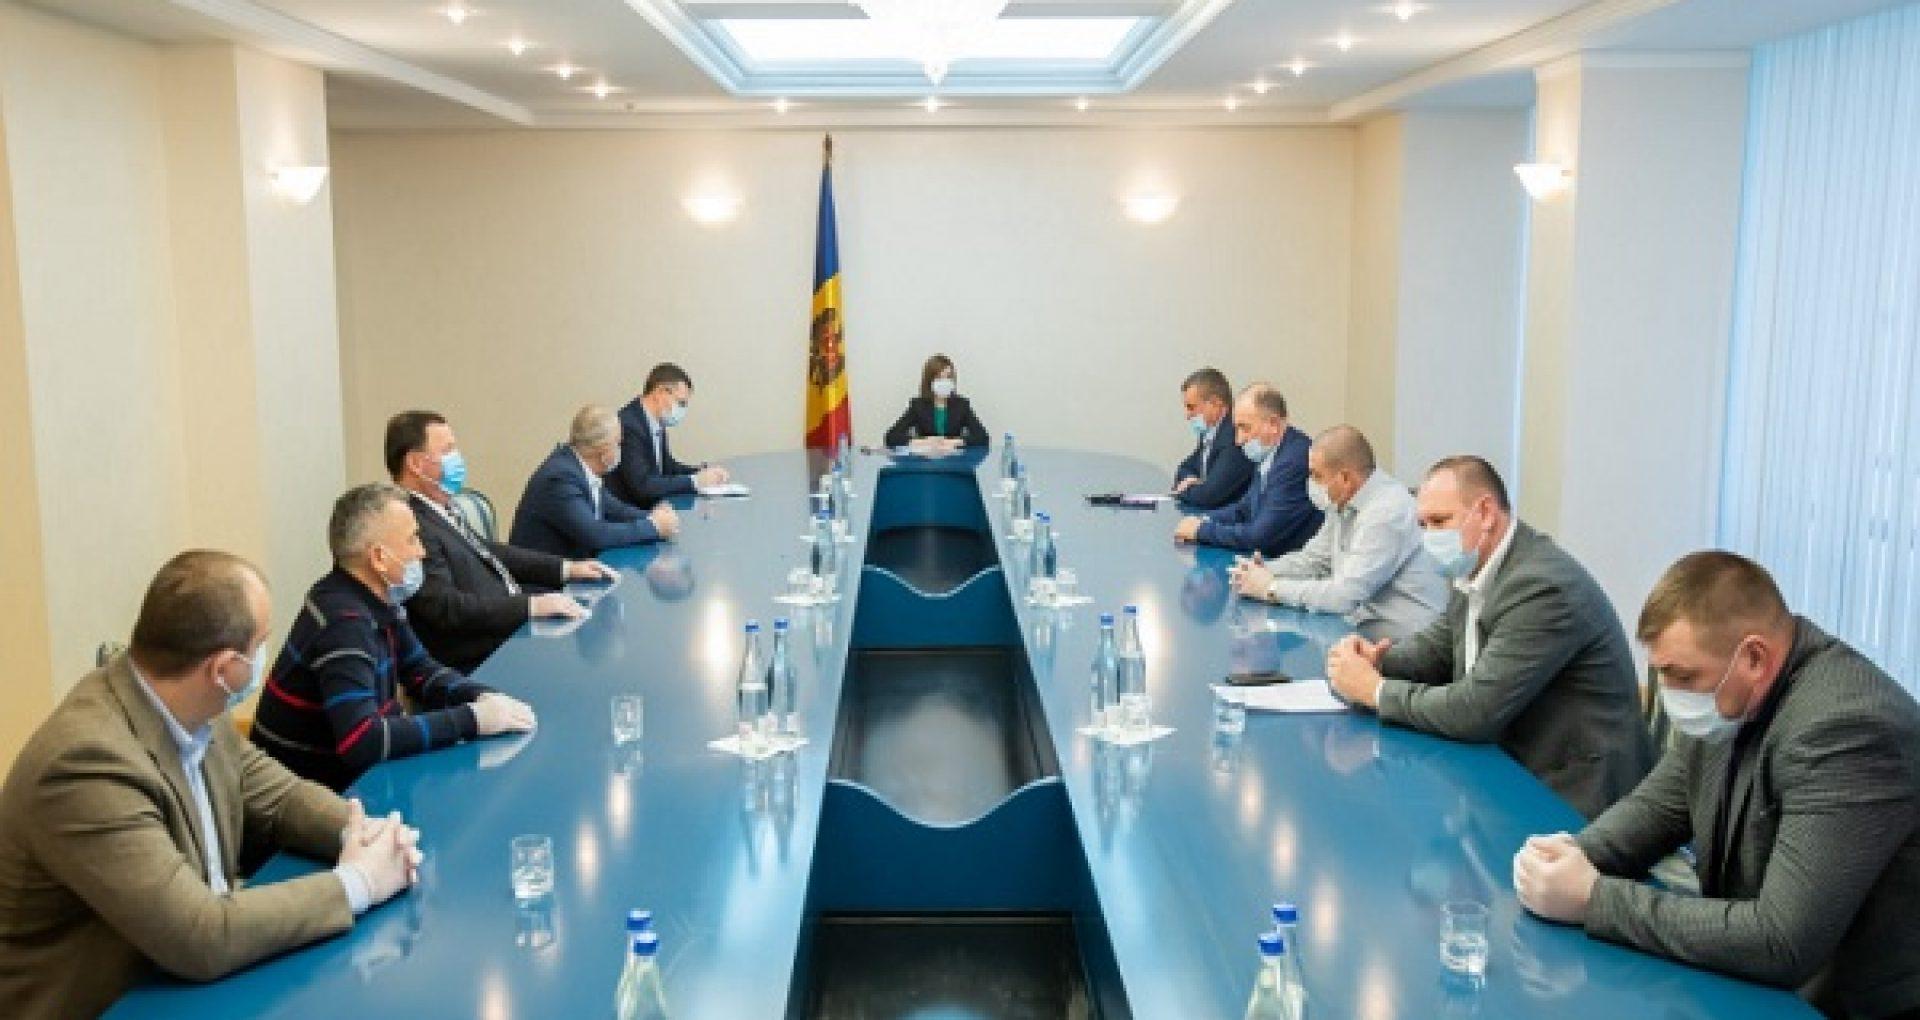 Mesajul președintei R. Moldova, Maia Sandu, după o întrevedere cu mai mulți reprezentanți ai agricultorilor